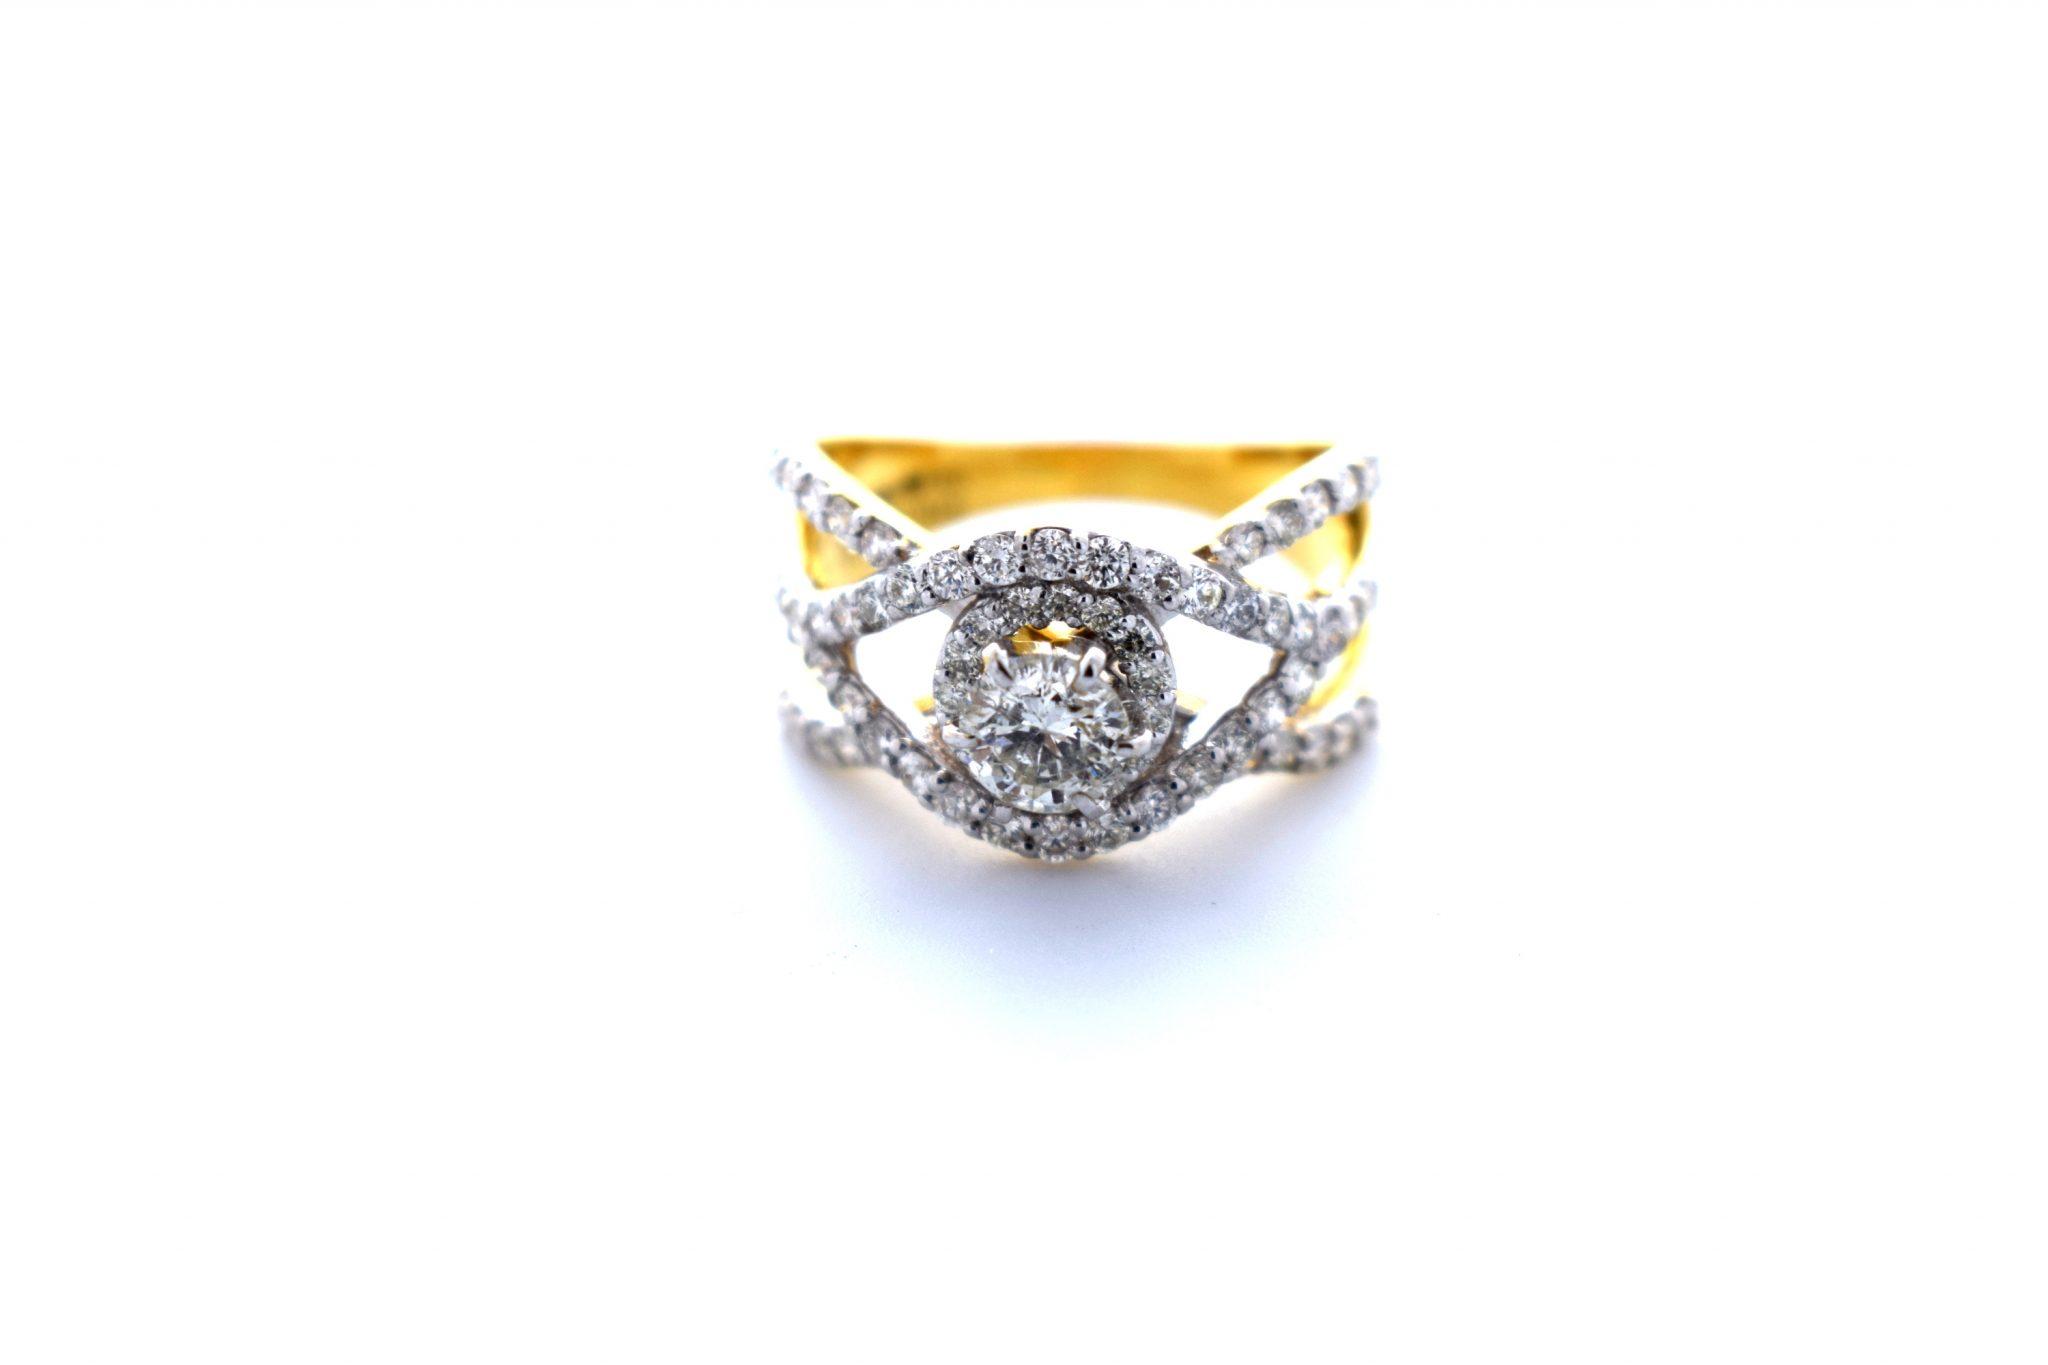 Ring with Single Diamond